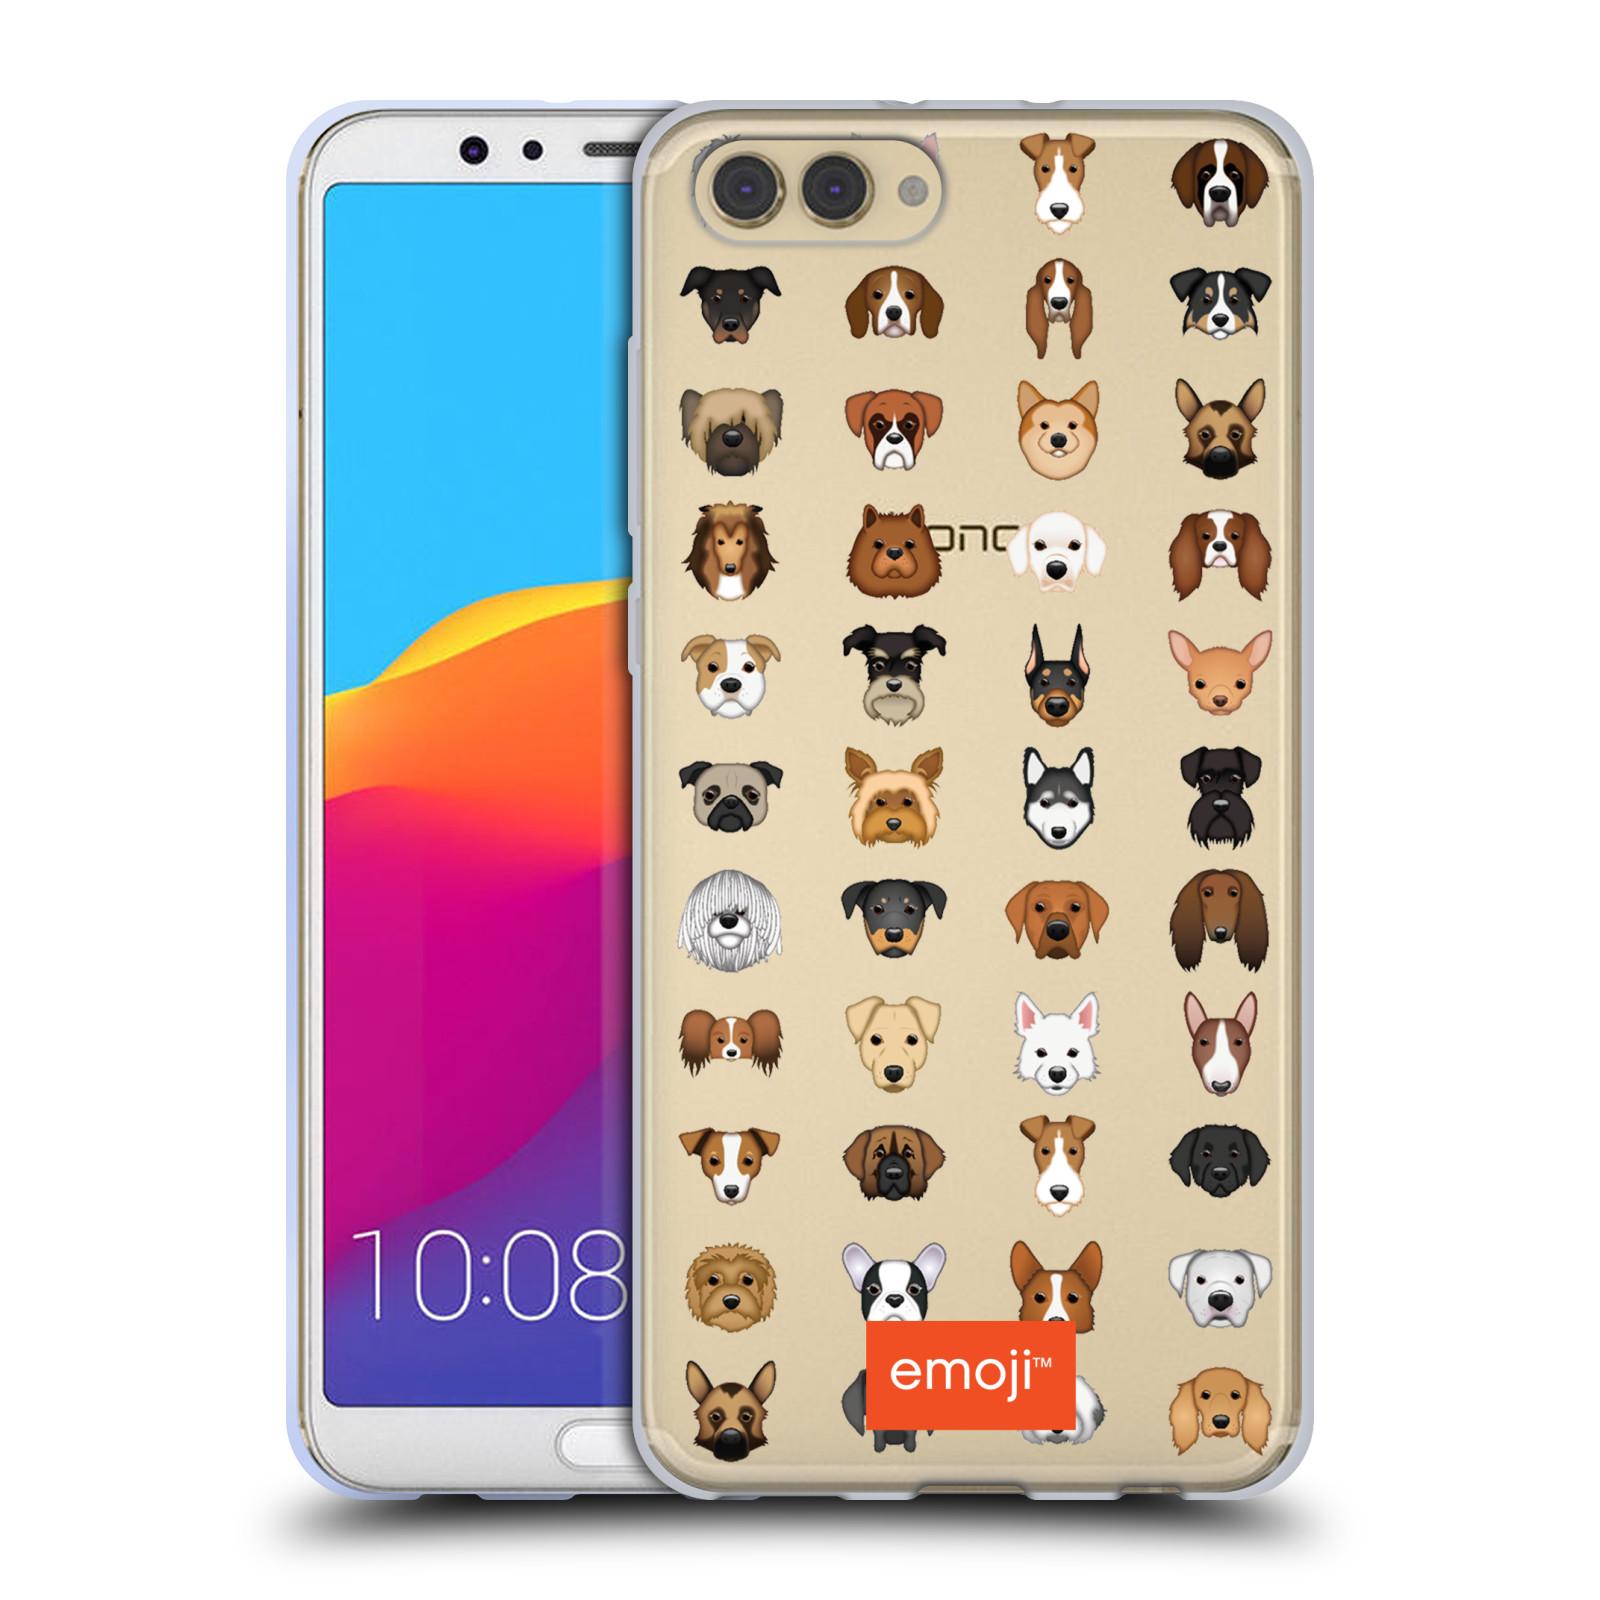 HEAD CASE silikonový obal na mobil Huawei HONOR VIEW 10 / V10 oficiální kryt EMOJI rasy pejsků